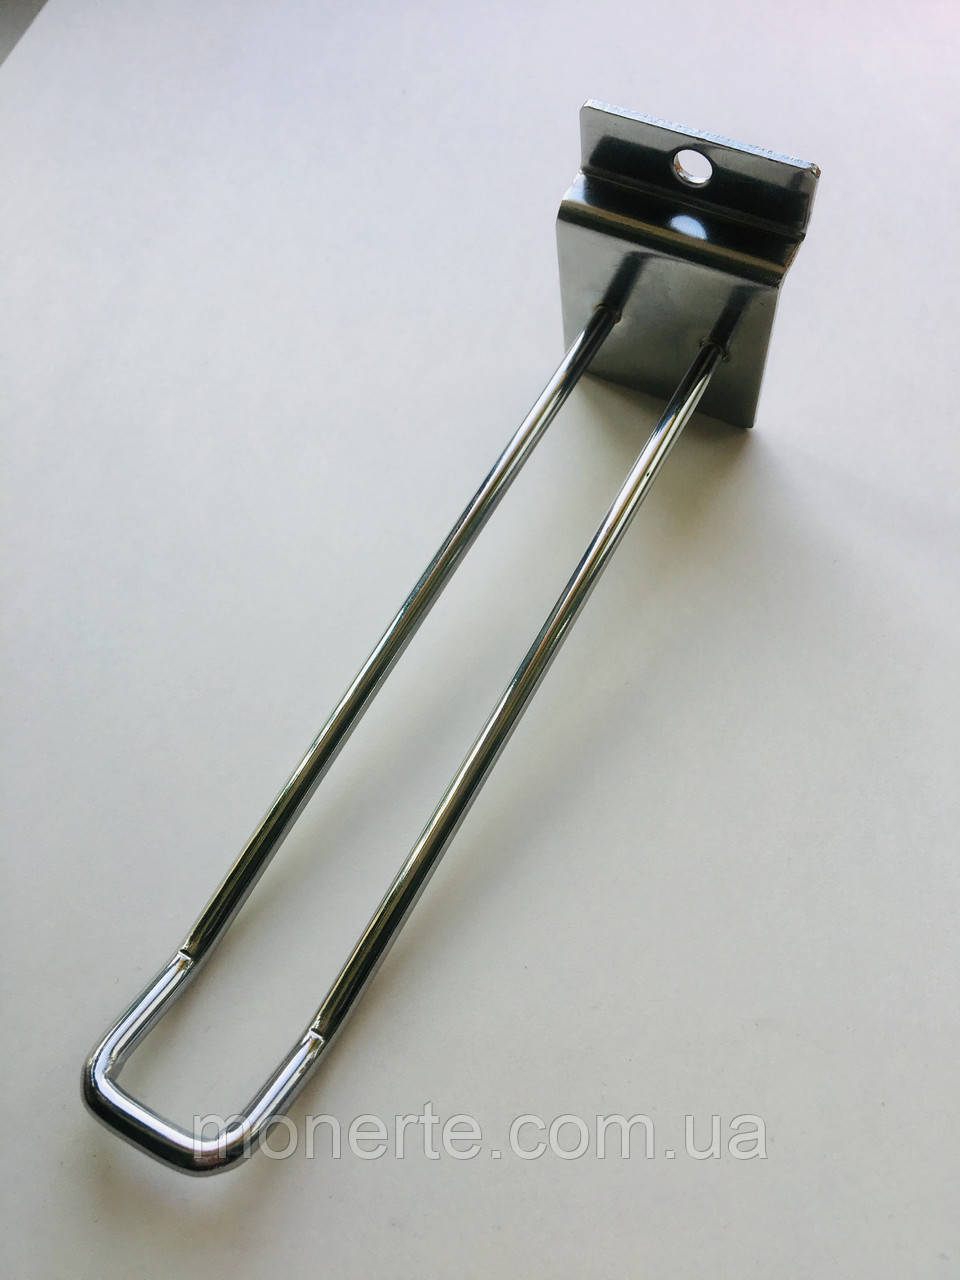 Крючки подвійні 200мм хромовані б/у для економпанелей квадрат